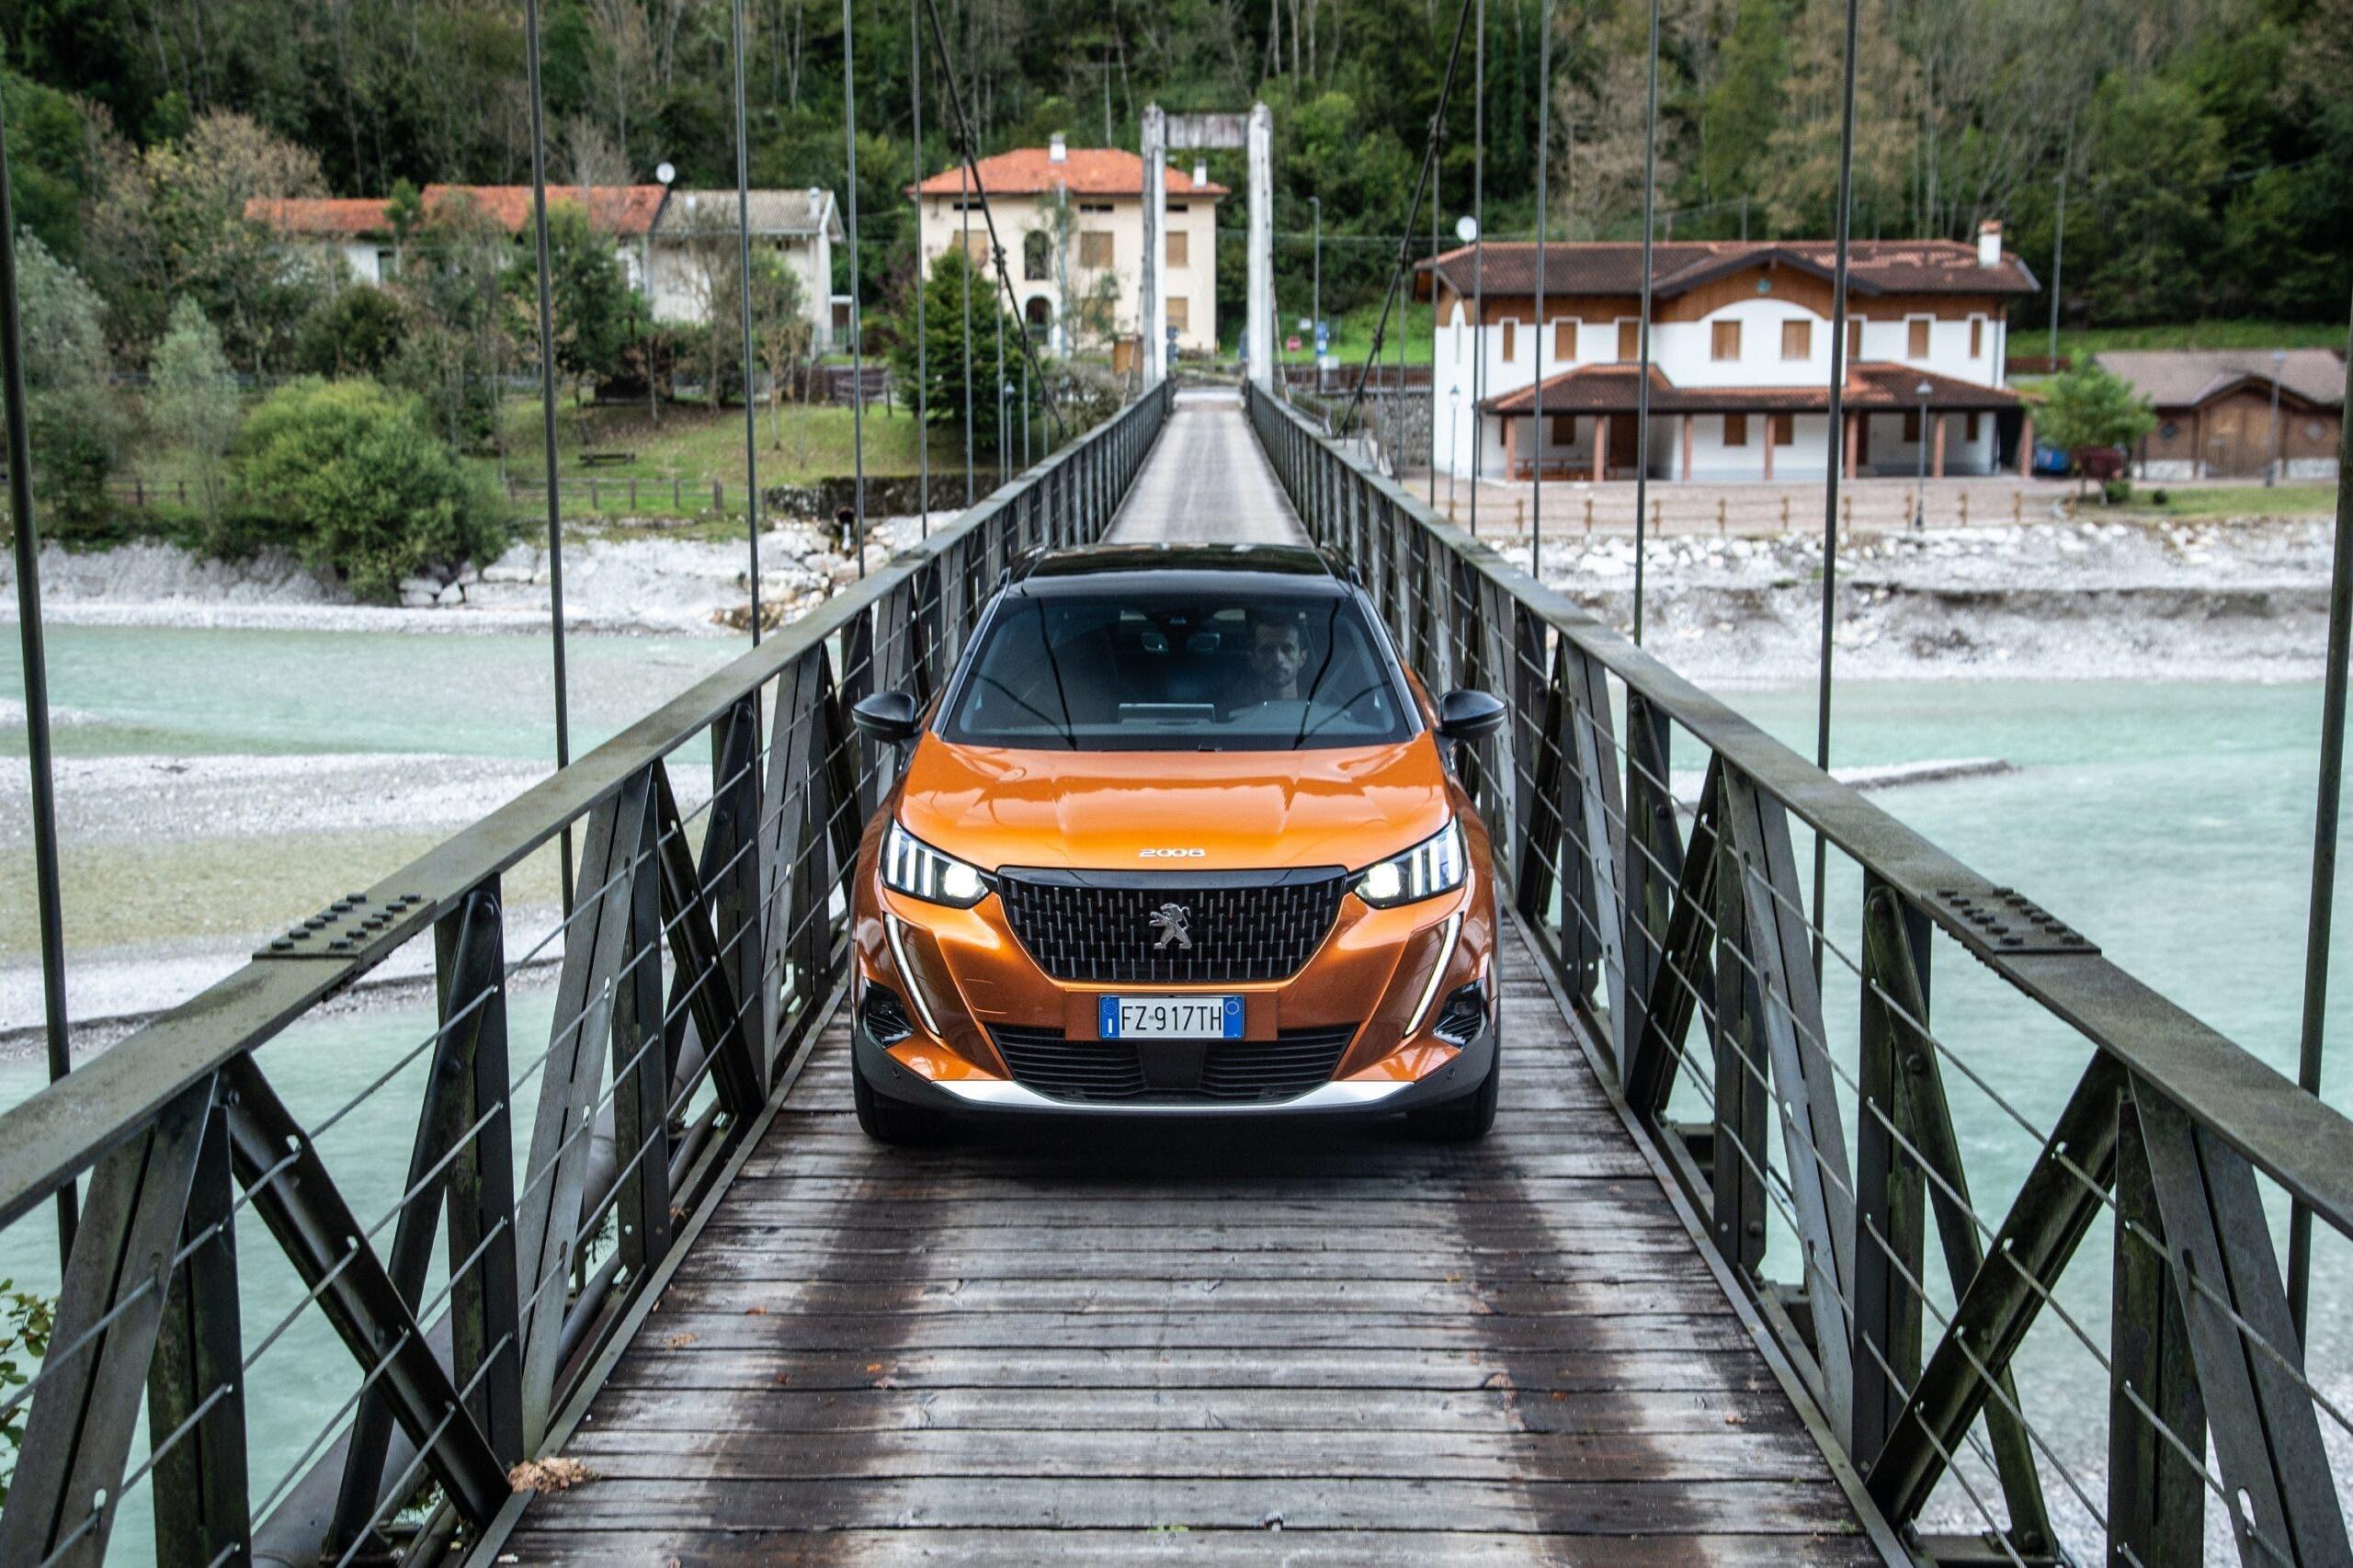 Nuova Peugeot 2008 Dolomiti Friulane